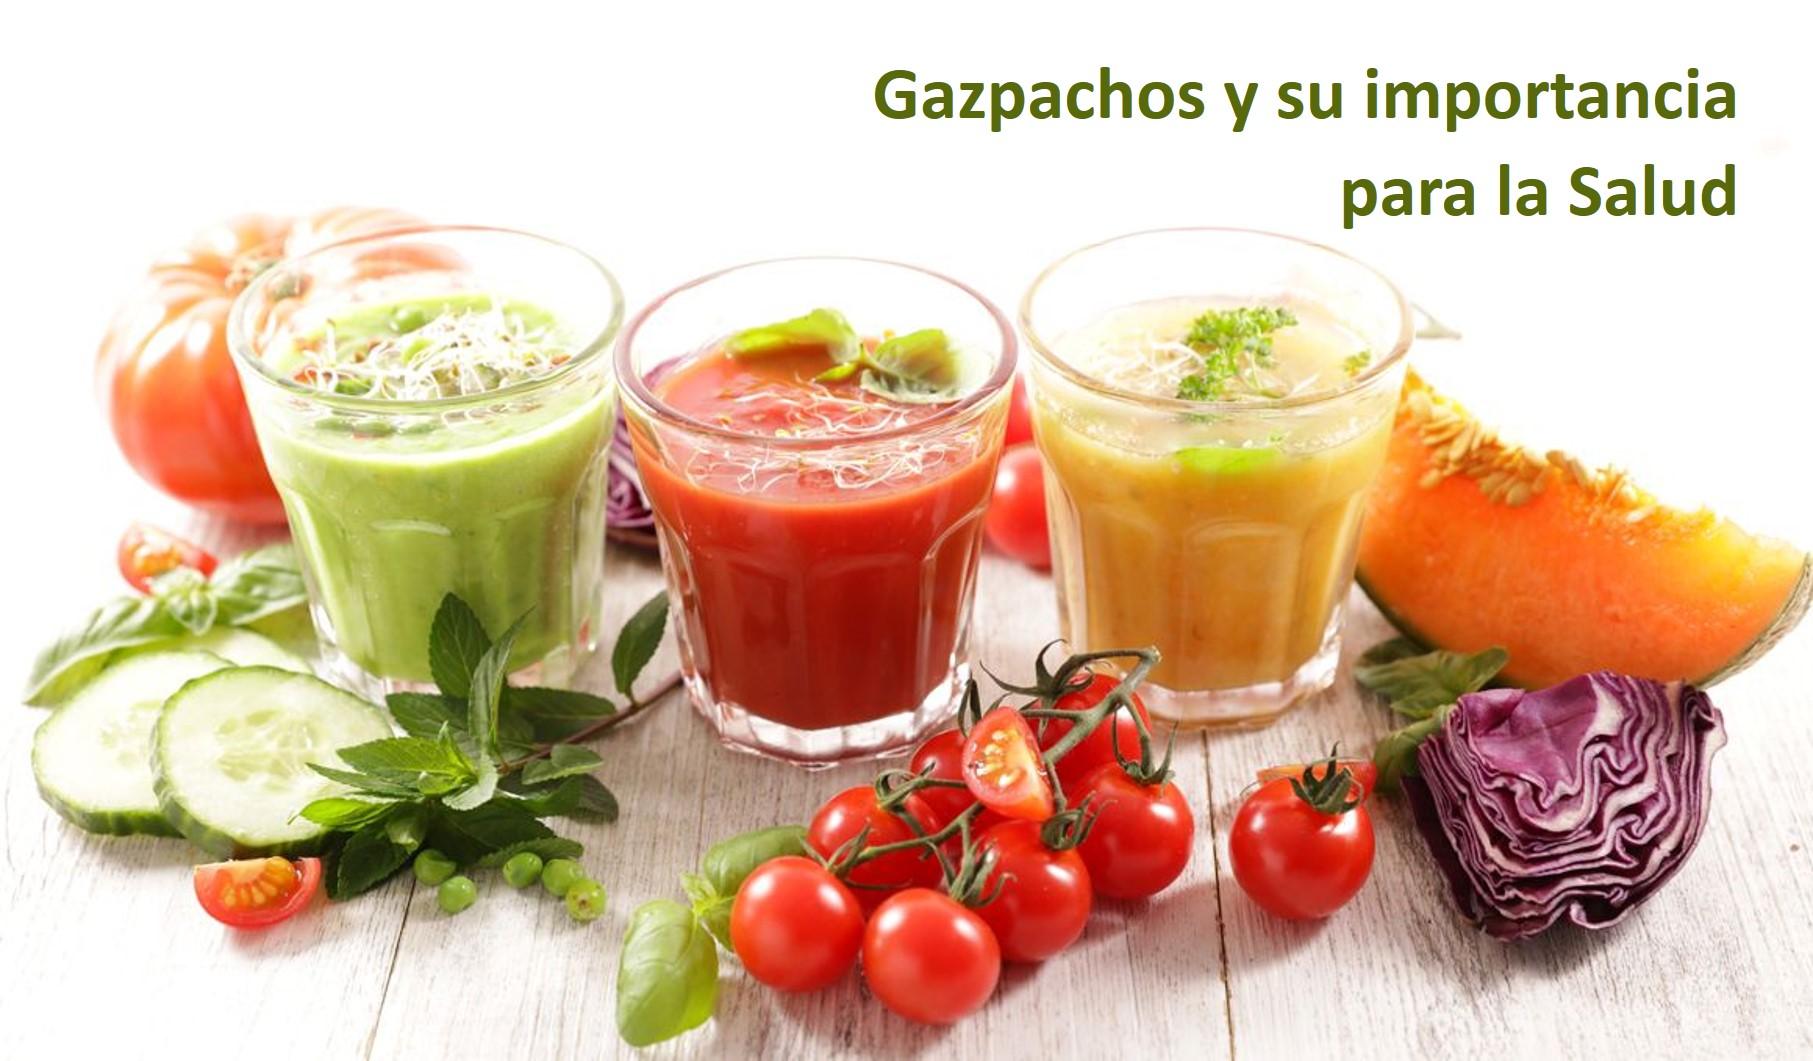 Importancia del Gazpacho para la Salud y 3 recetas diferentes para saborearlos